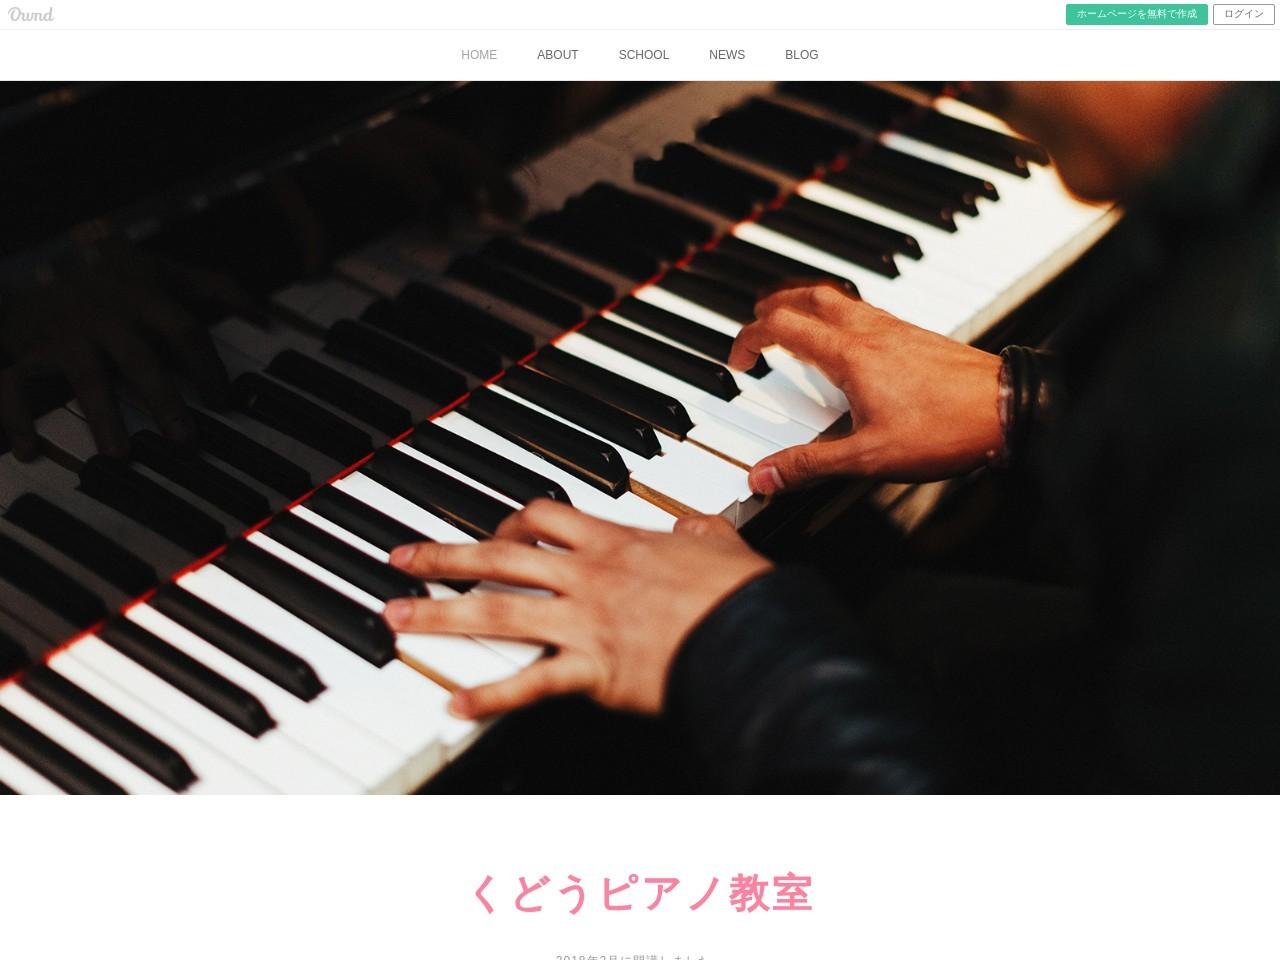 くどうピアノ教室のサムネイル